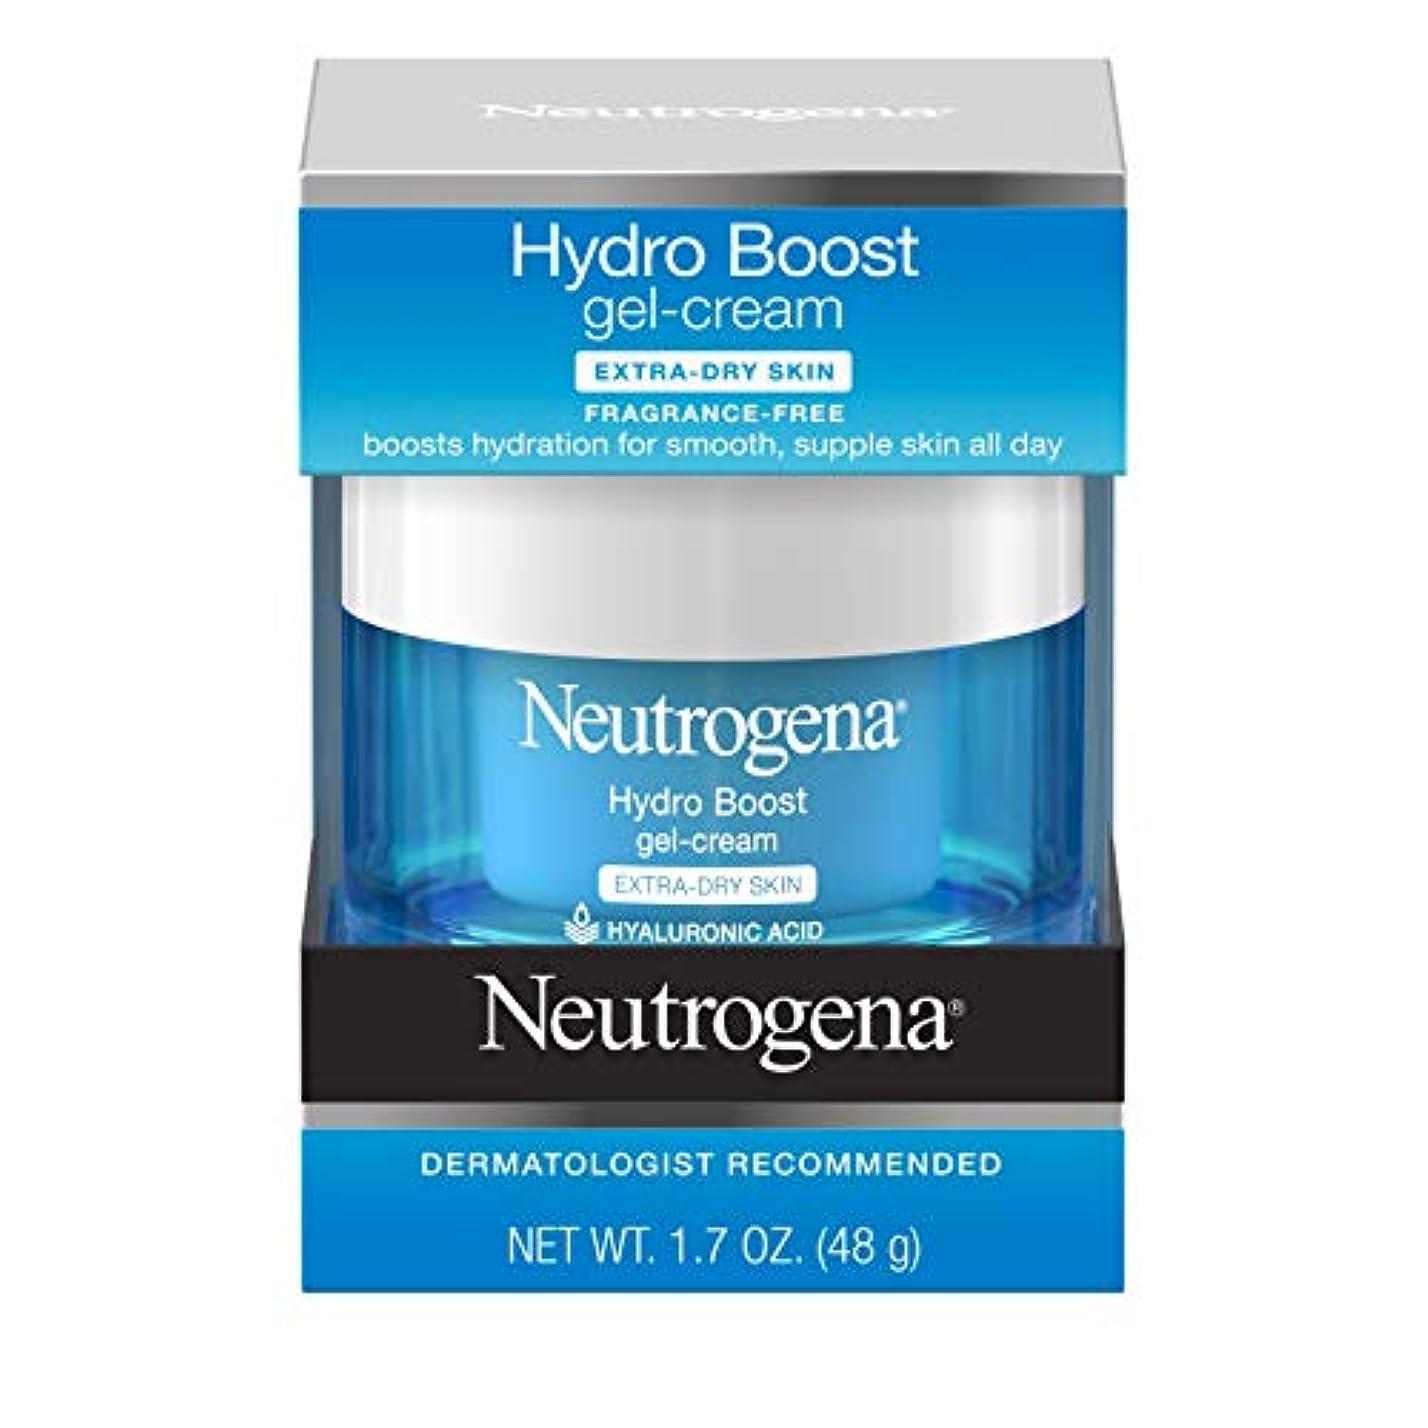 どこか文化傷跡Neutrogena Hydro Boost Gel Cream, Extra Dry Skin, 1.7 Ounce  海外直送品?並行輸入品